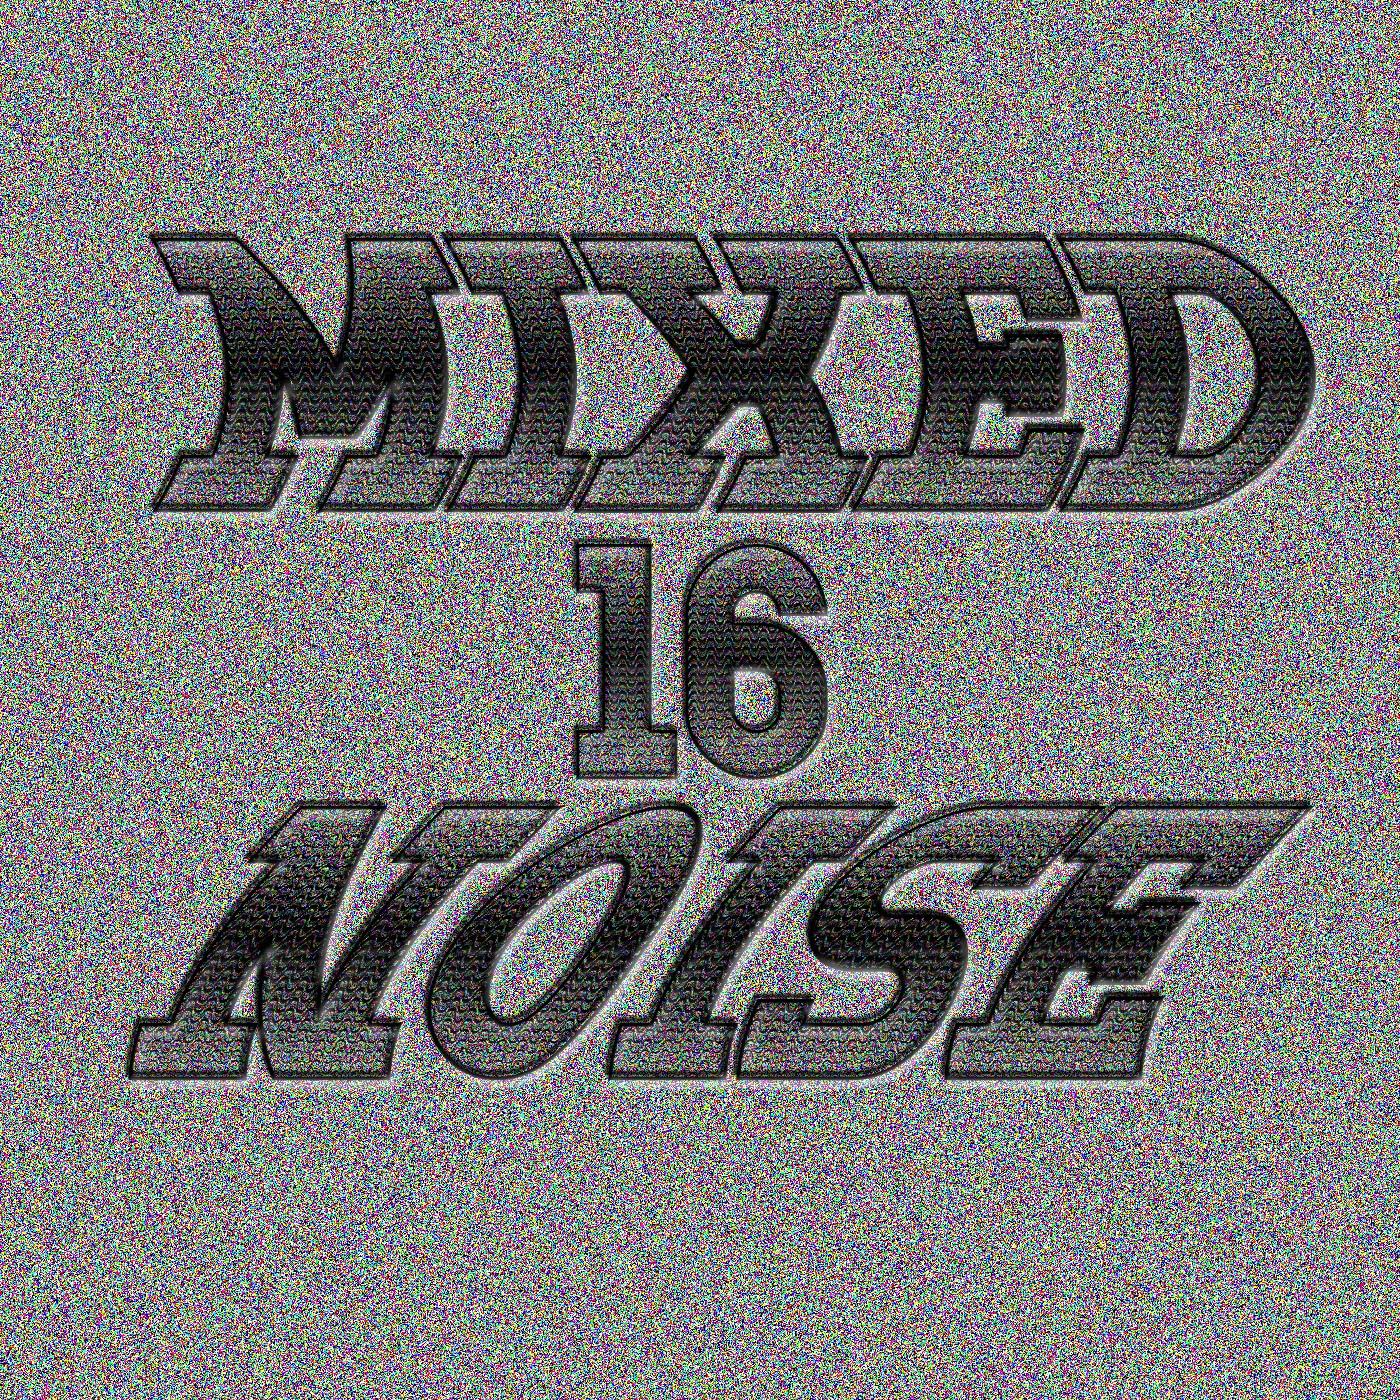 mixednoiselogo16